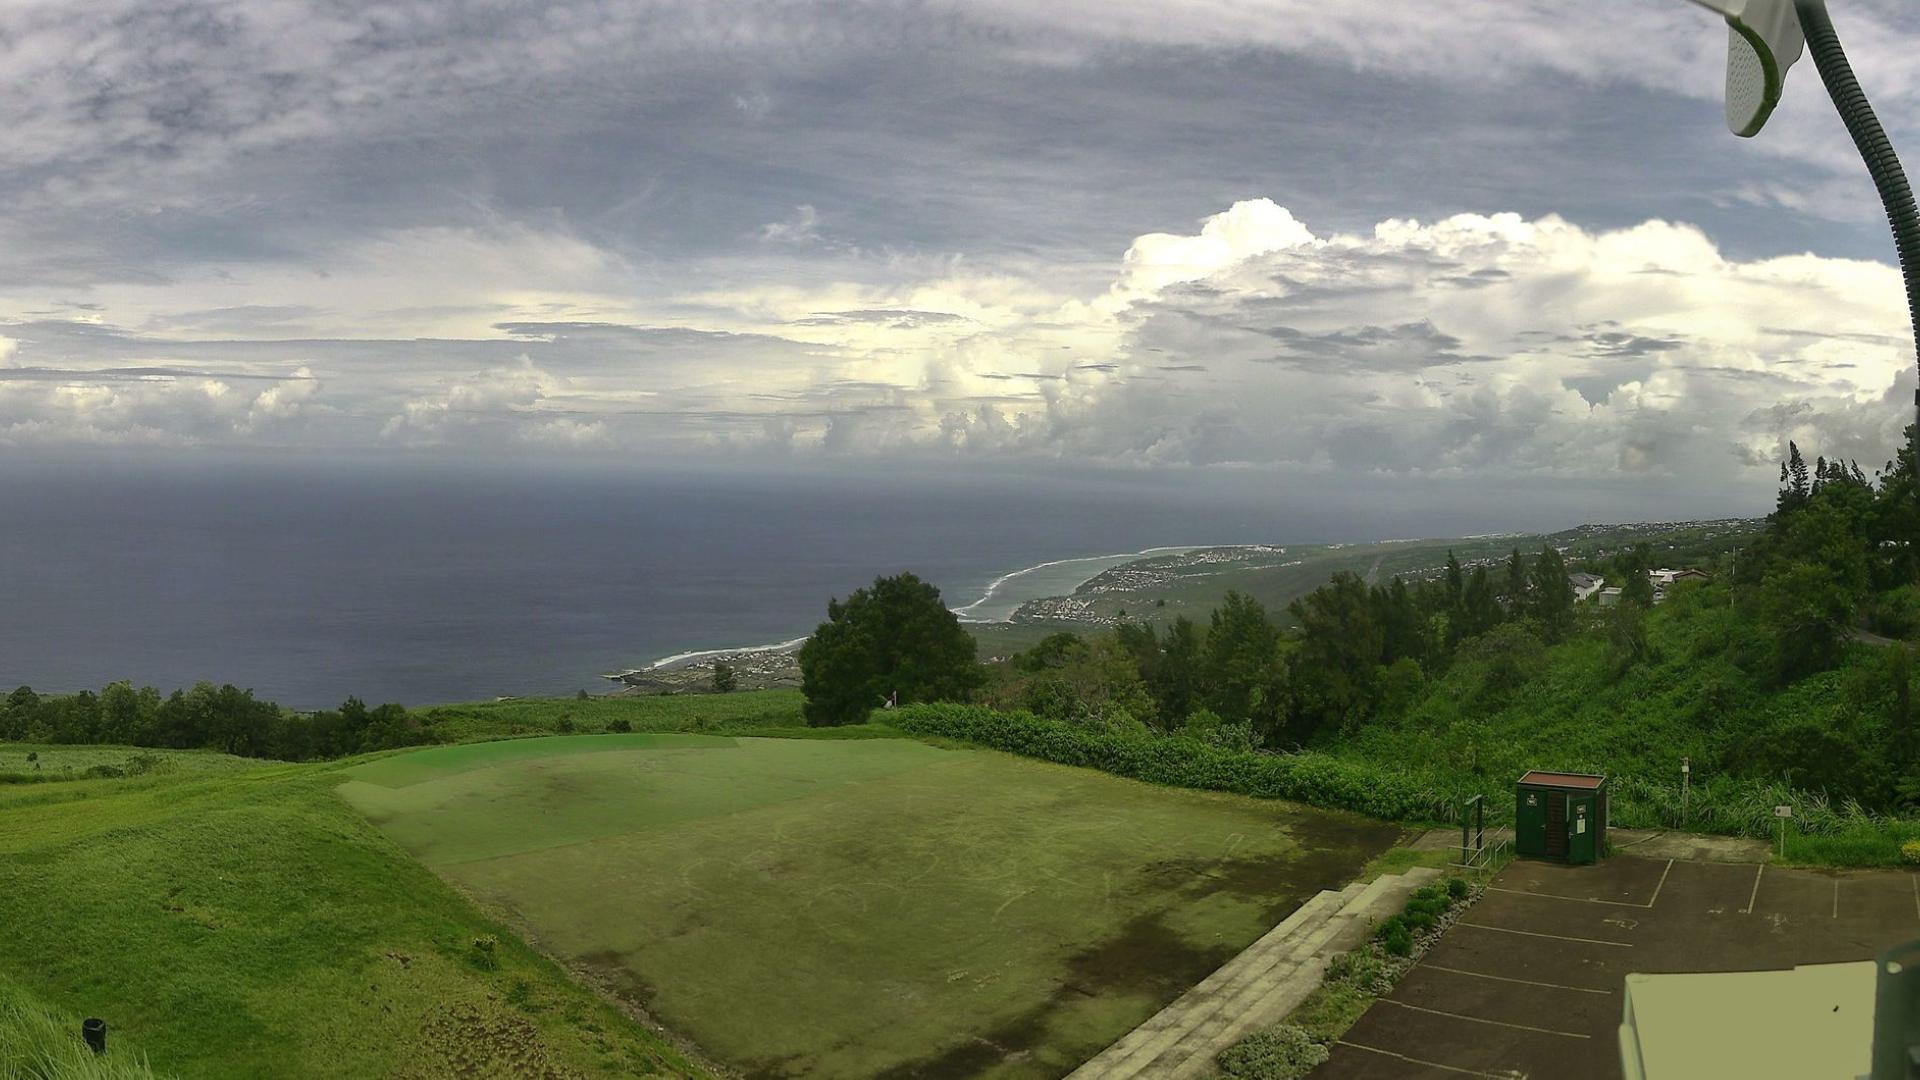 Vue depuis les Colimaçons à 11h15. Nuages d'orages visibles à l'horizon.